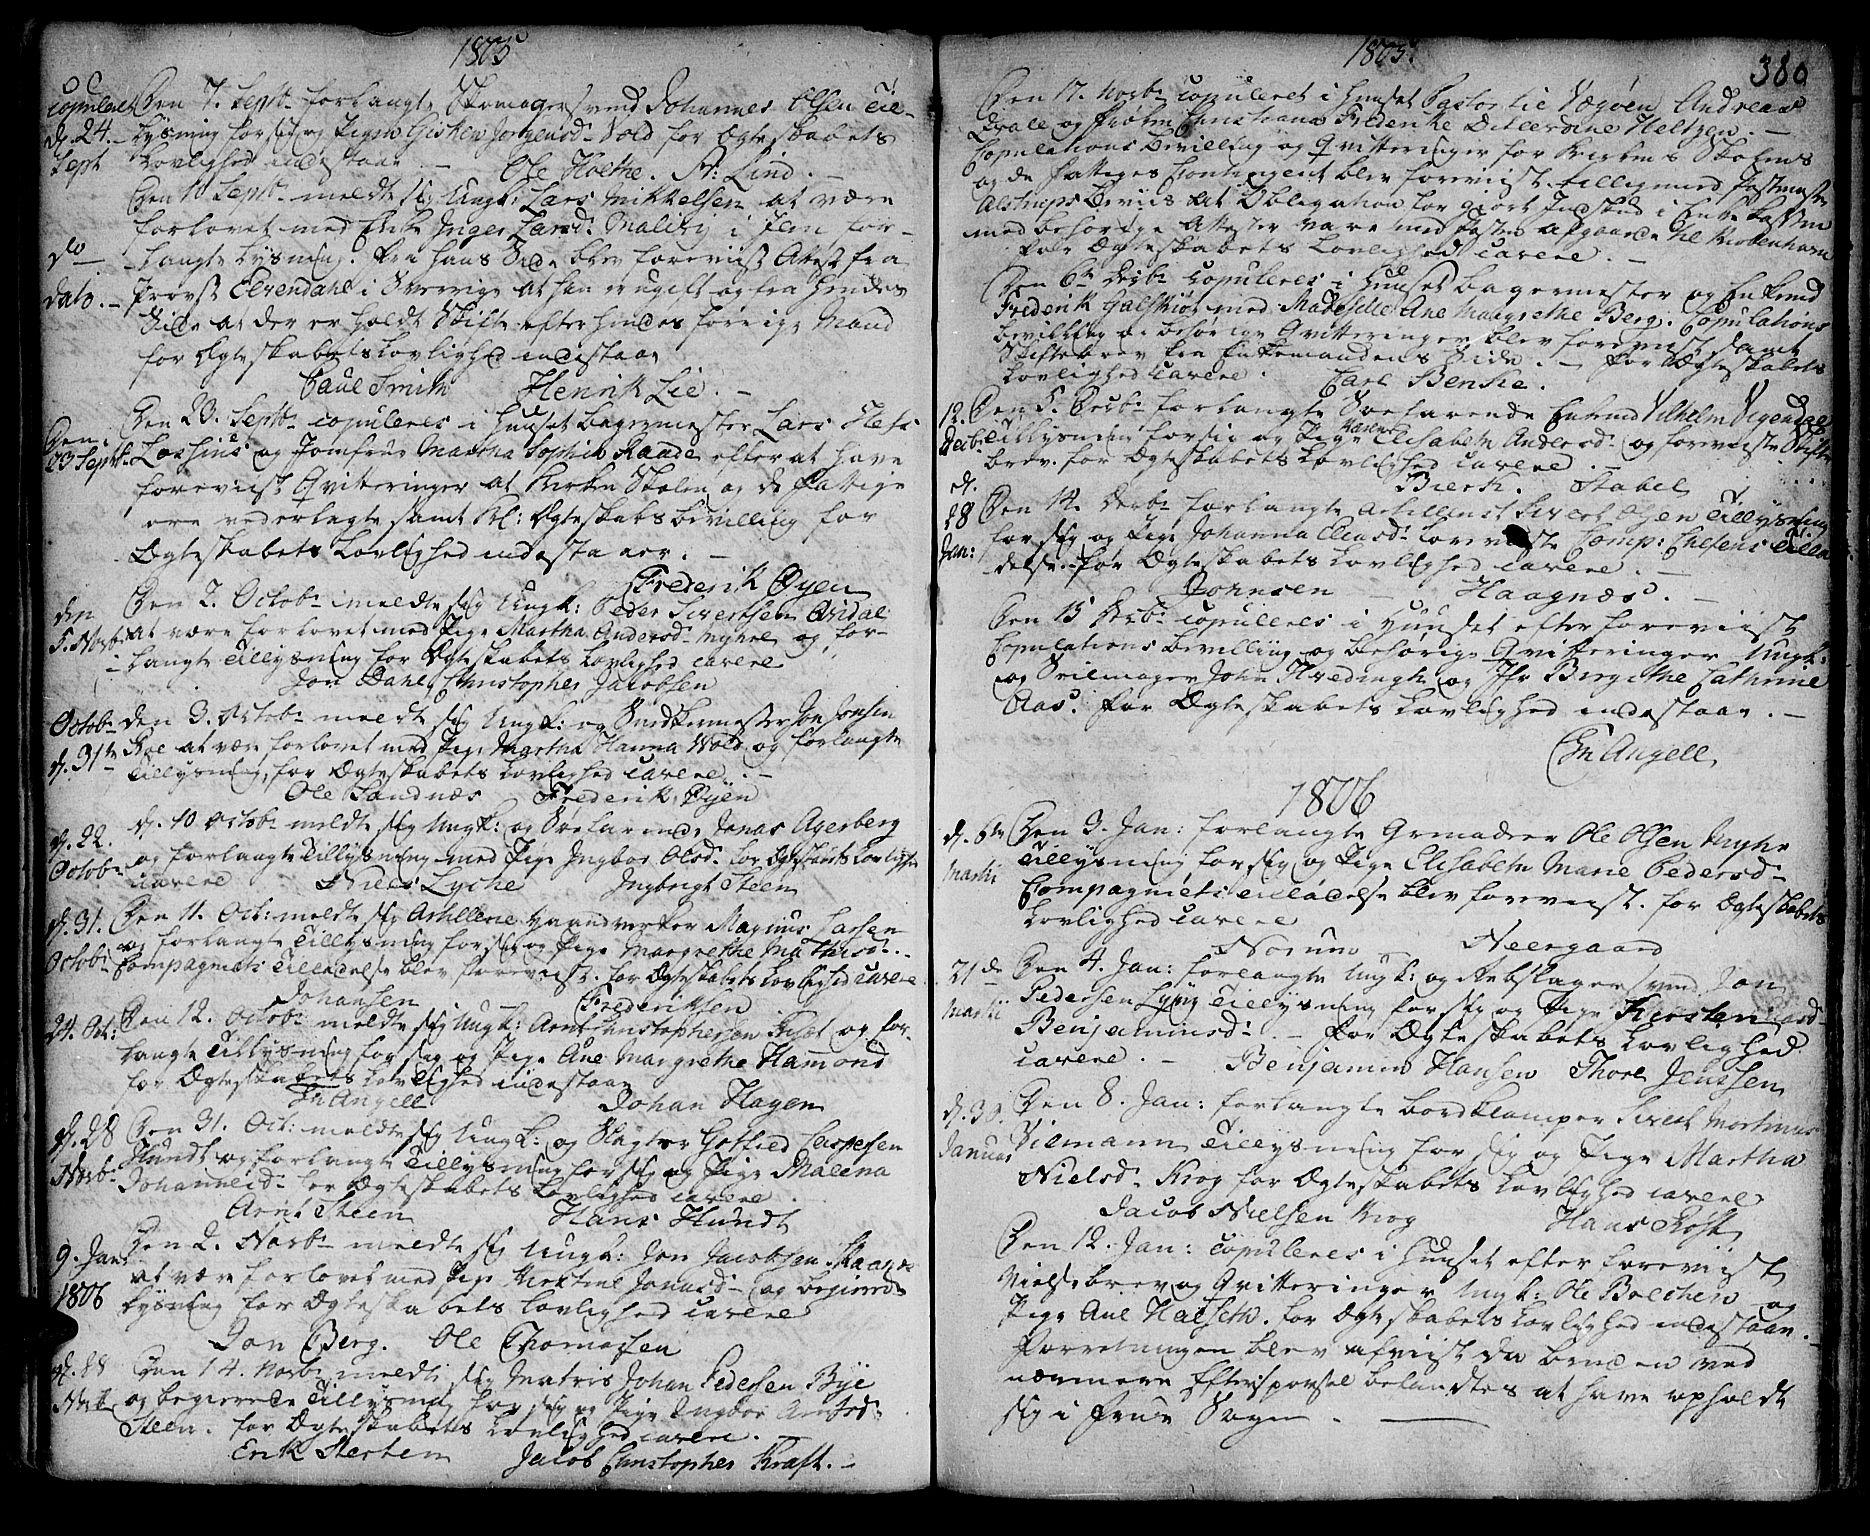 SAT, Ministerialprotokoller, klokkerbøker og fødselsregistre - Sør-Trøndelag, 601/L0038: Ministerialbok nr. 601A06, 1766-1877, s. 380